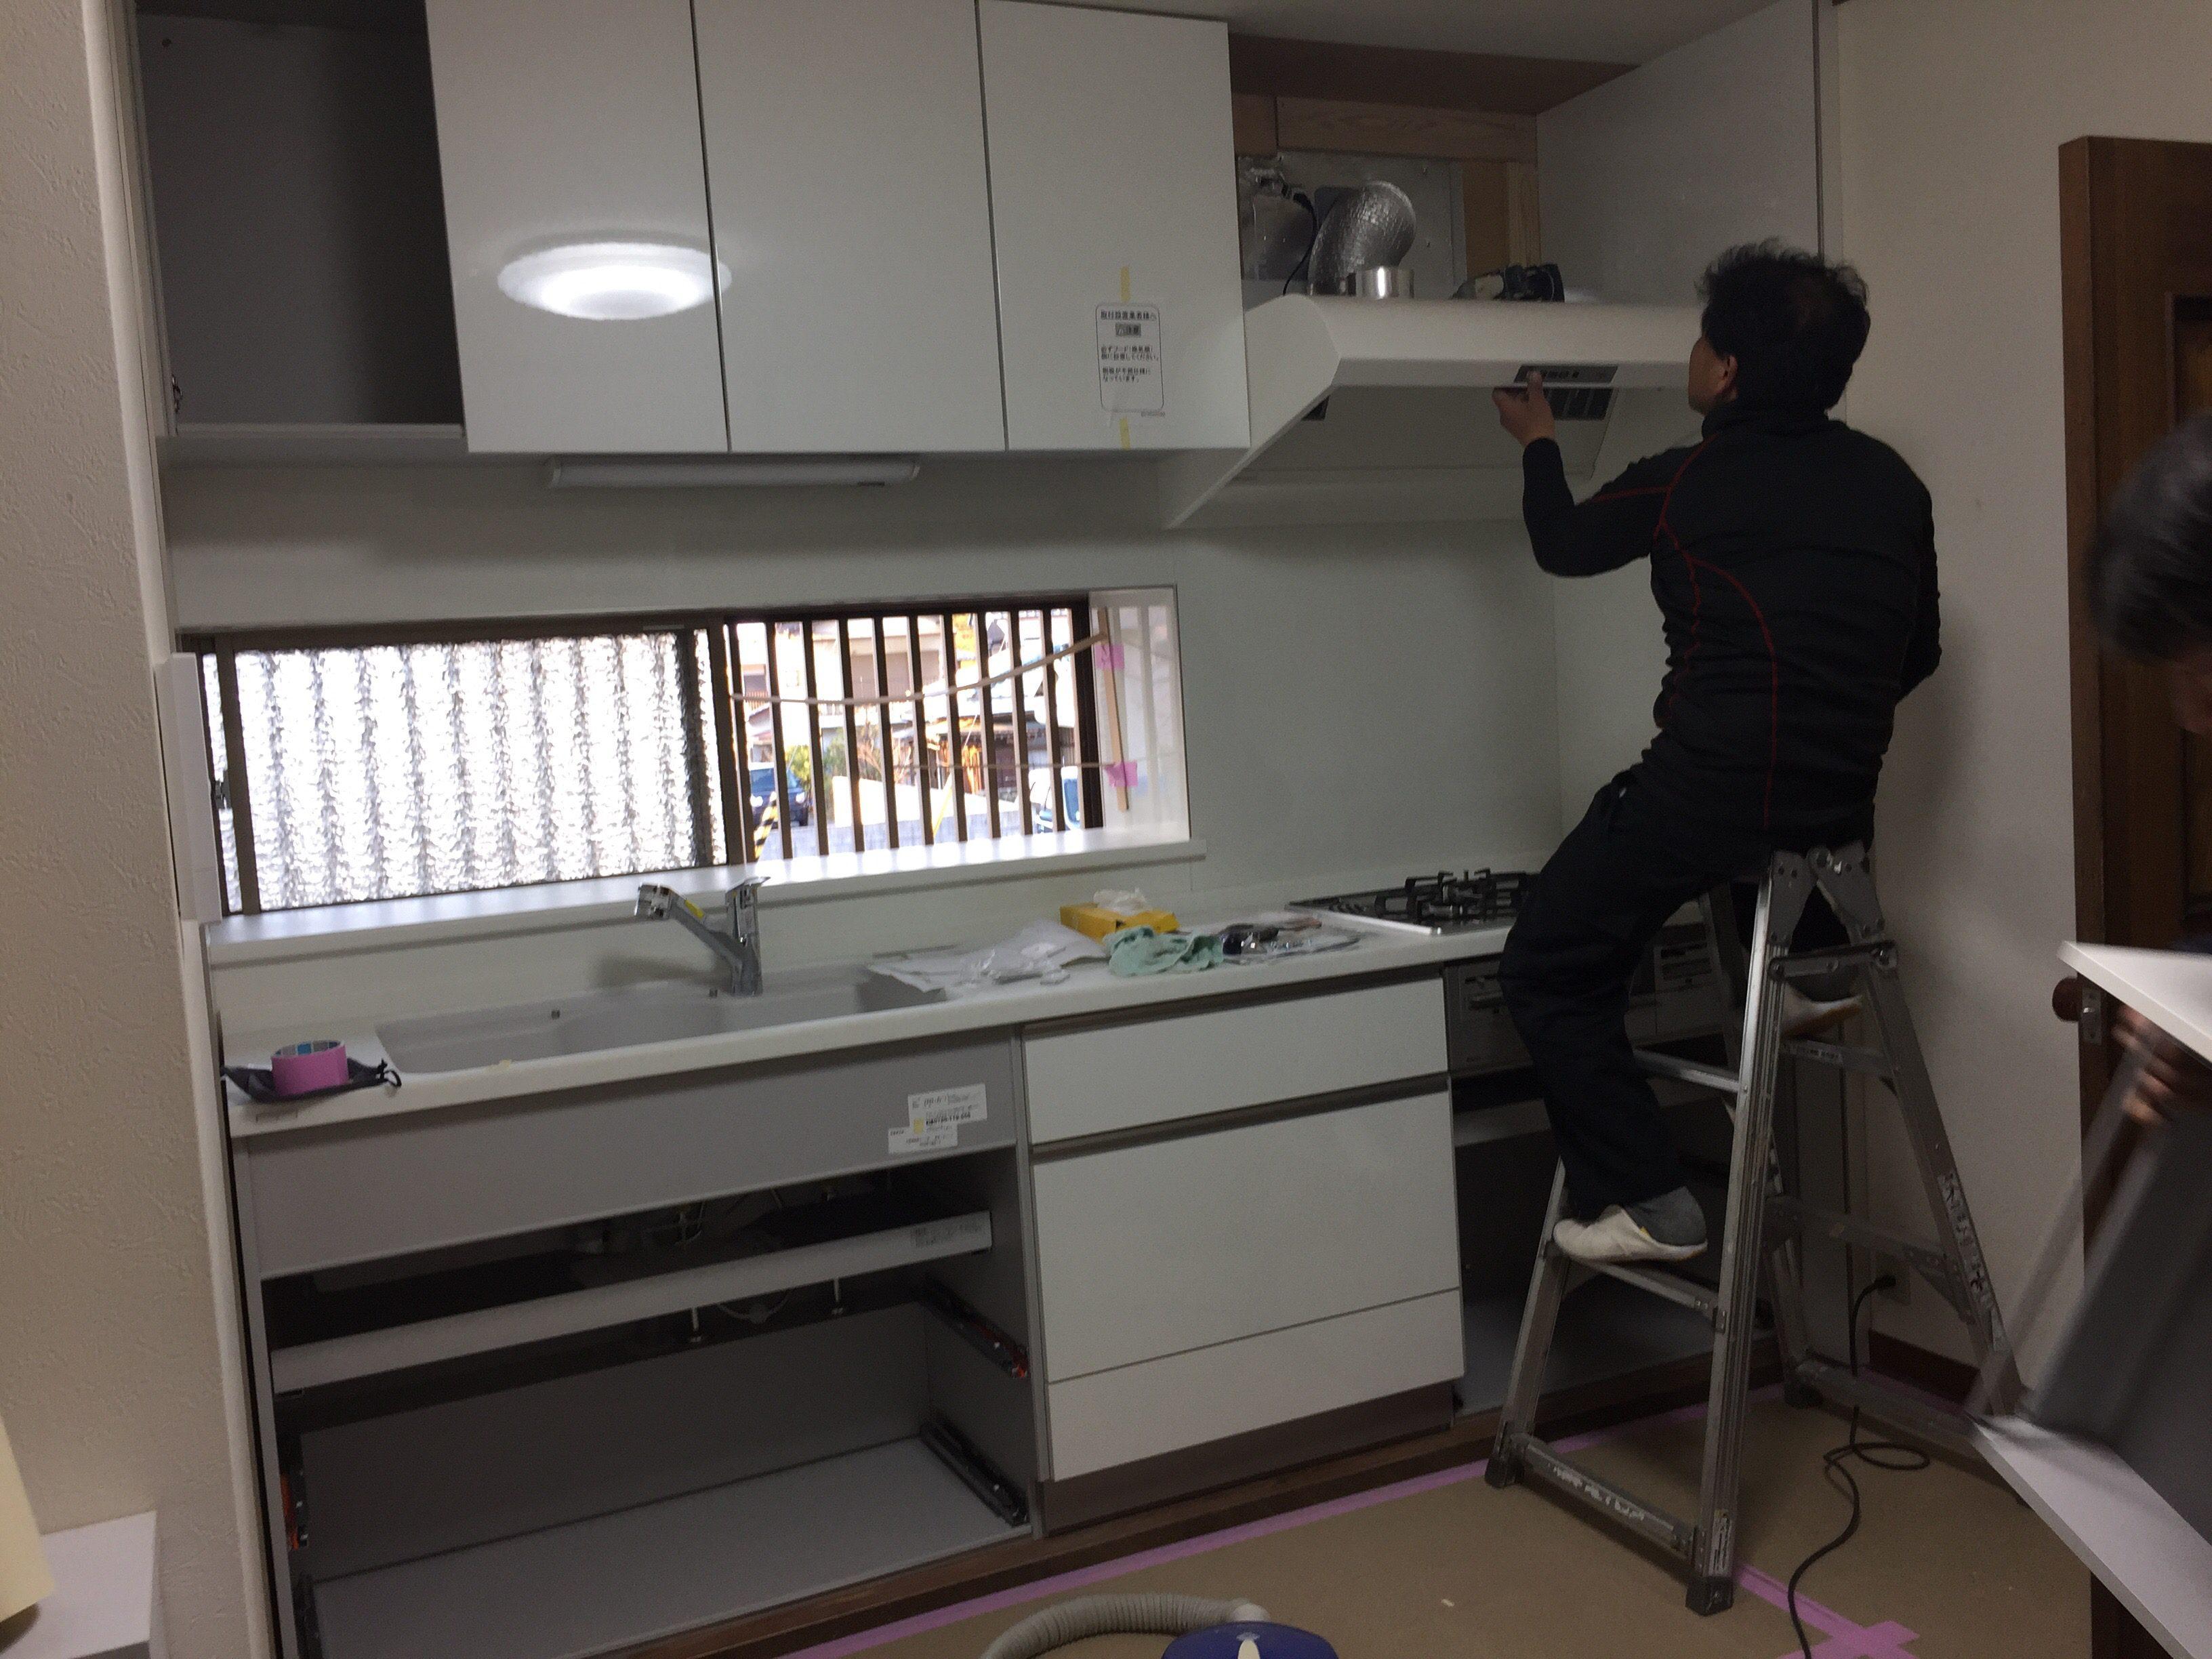 新居浜市 使いやすいキッチンへリフォーム 施工中